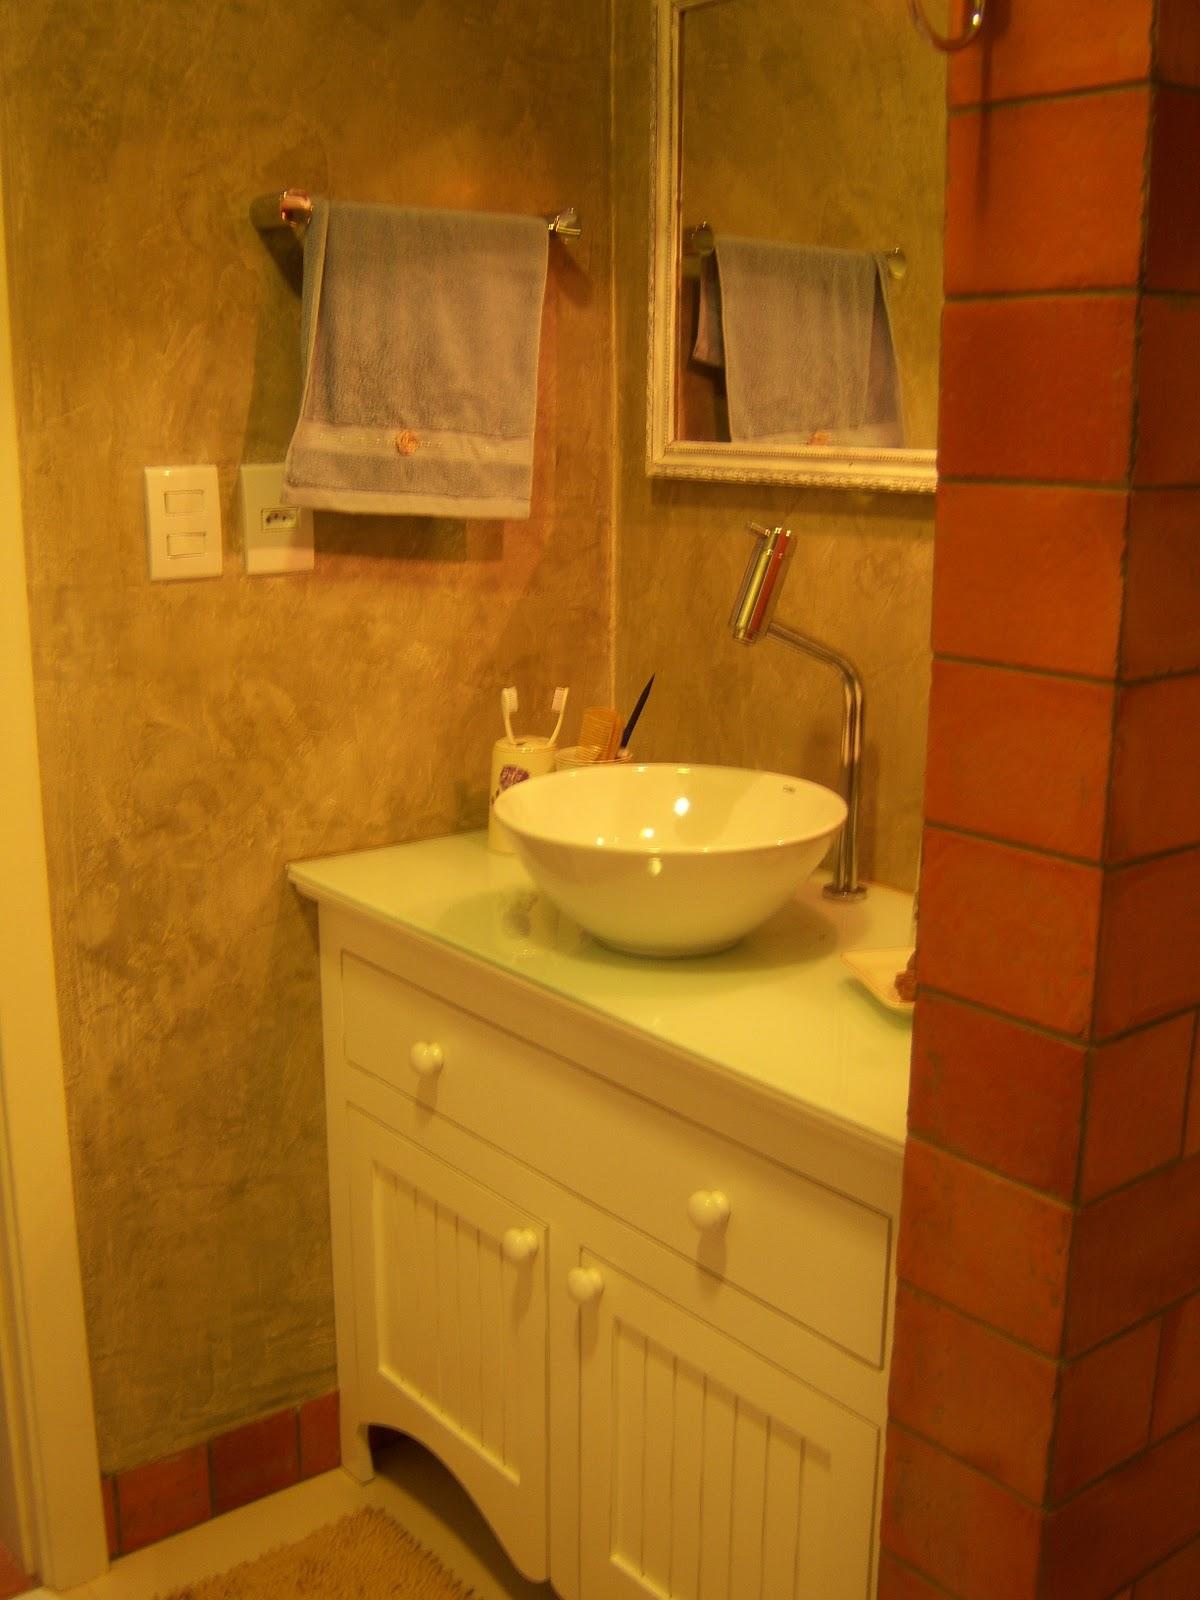 Arquitetura de interiores  projeto romântico para o banheiro #4A1B00 1200x1600 Arquitetura Para Banheiro